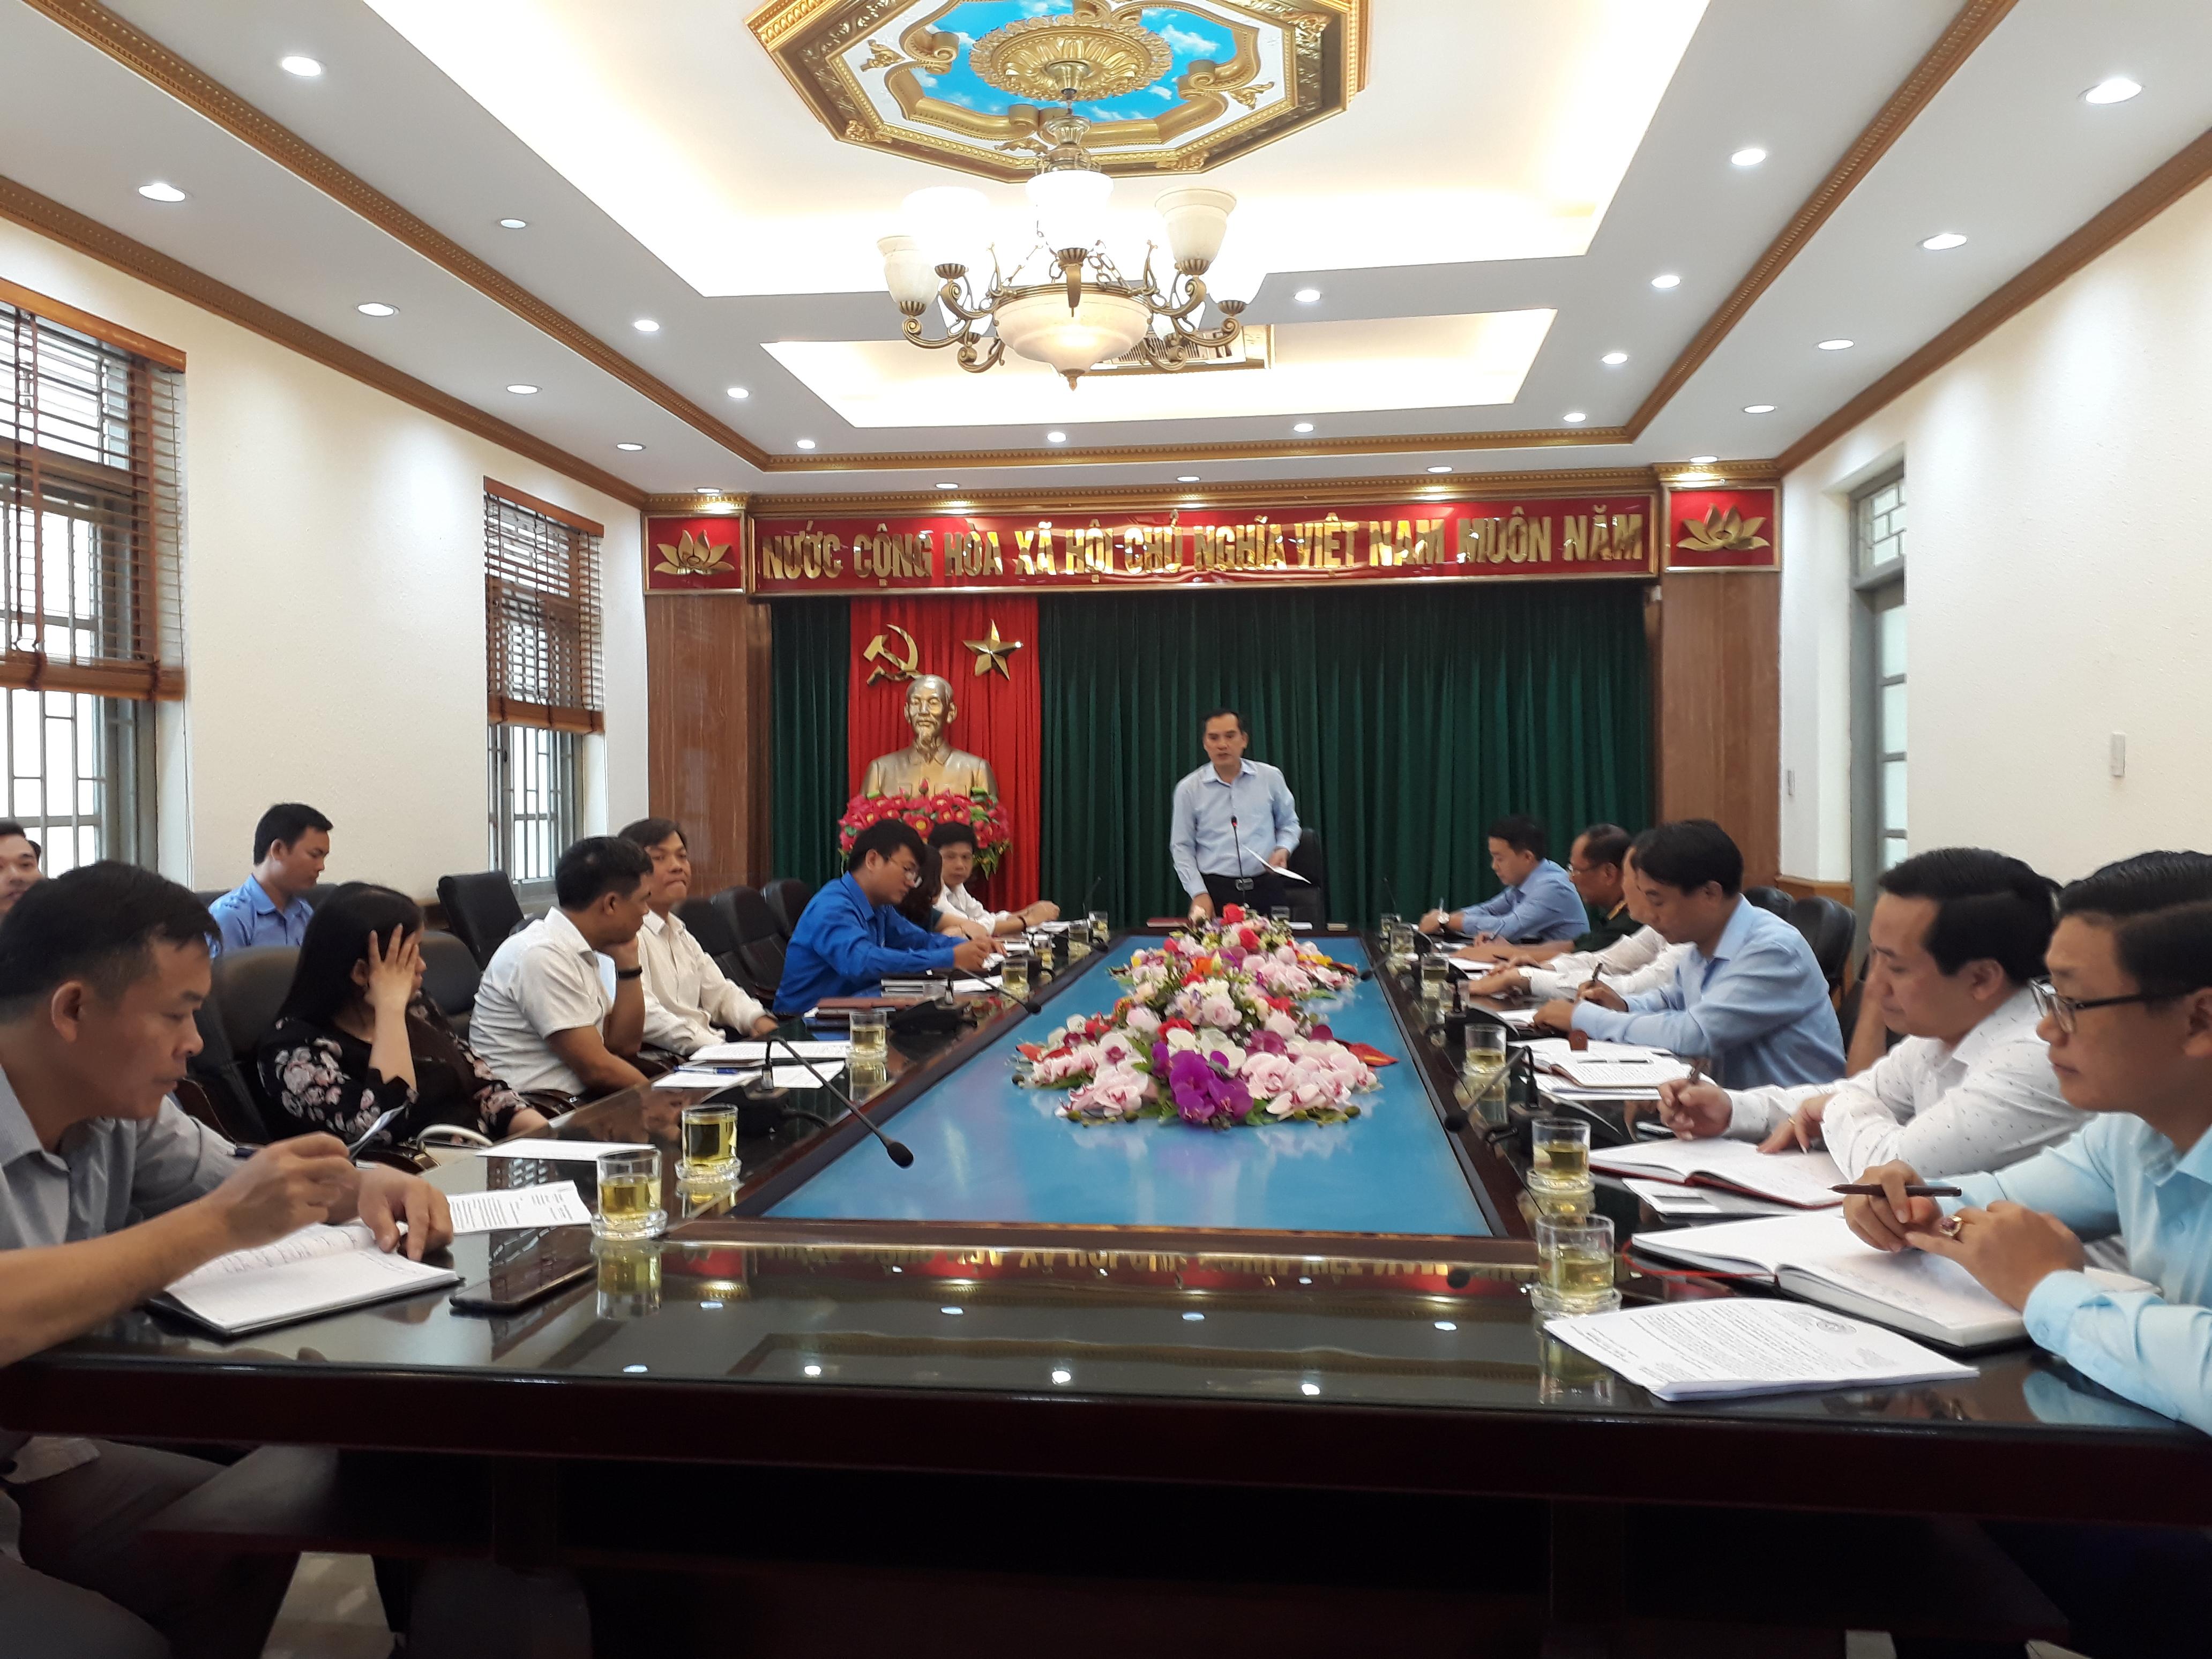 Hội nghị triển khai các hoạt động văn nghệ, thể dục thể thao chào mừng Đại hội Đảng bộ tỉnh Ninh Bình lần thứ XXII, nhiệm kỳ 2020 - 2025.